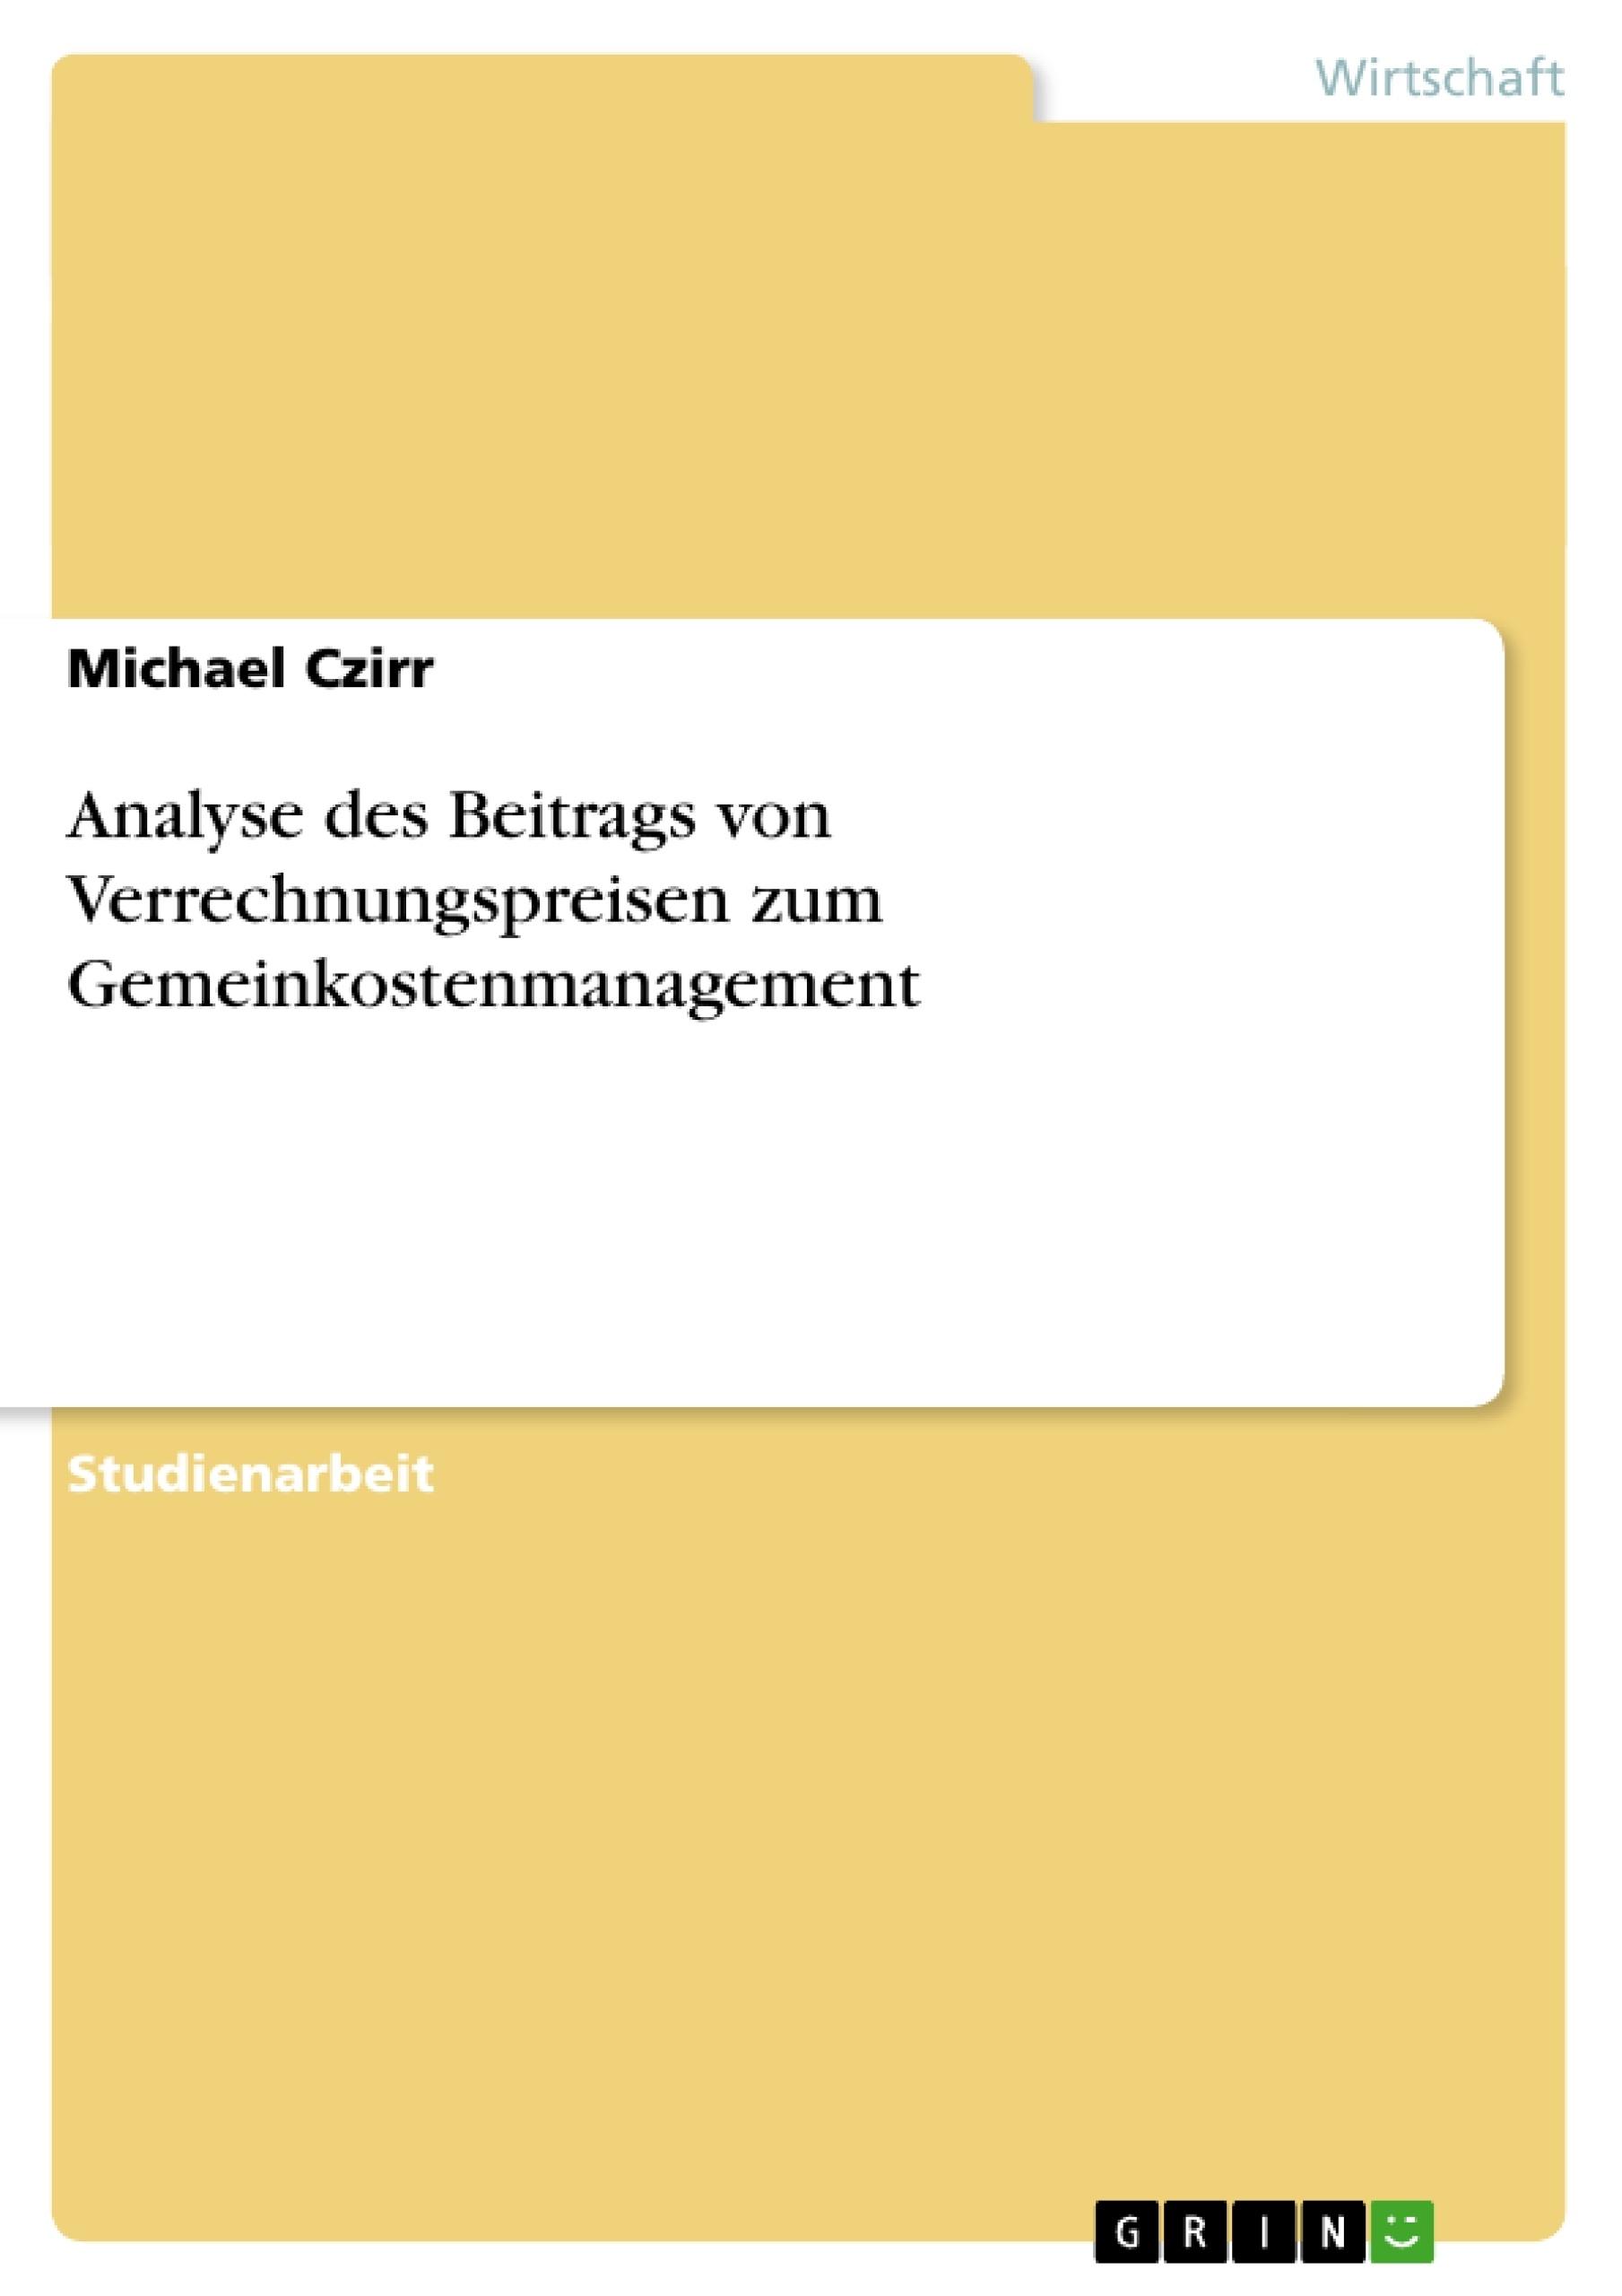 Titel: Analyse des Beitrags von Verrechnungspreisen zum Gemeinkostenmanagement